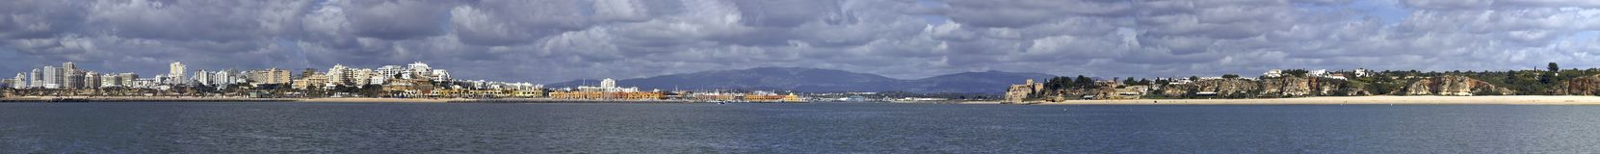 城市全景portimao葡萄牙视图 免版税库存照片